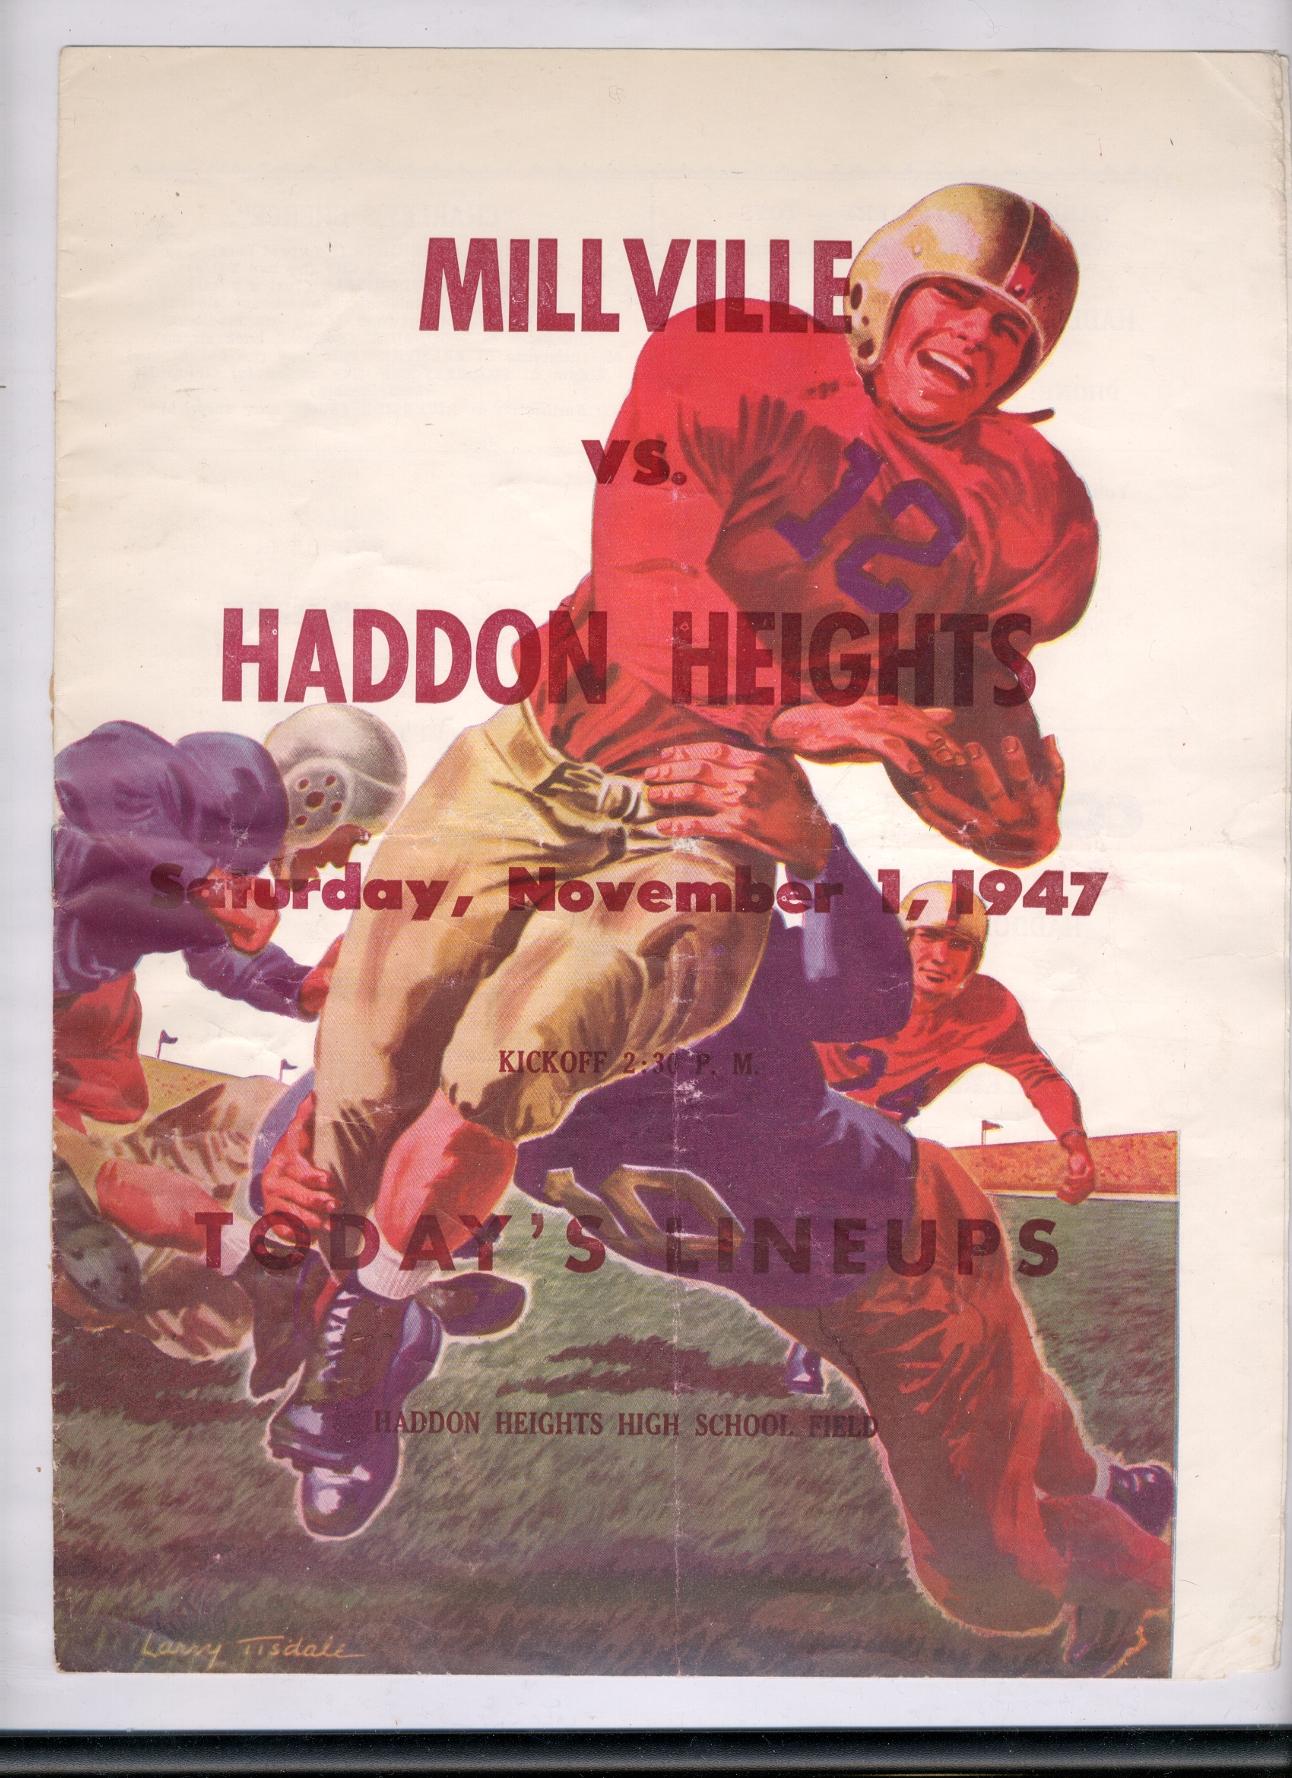 footballprogram-1947-11-01